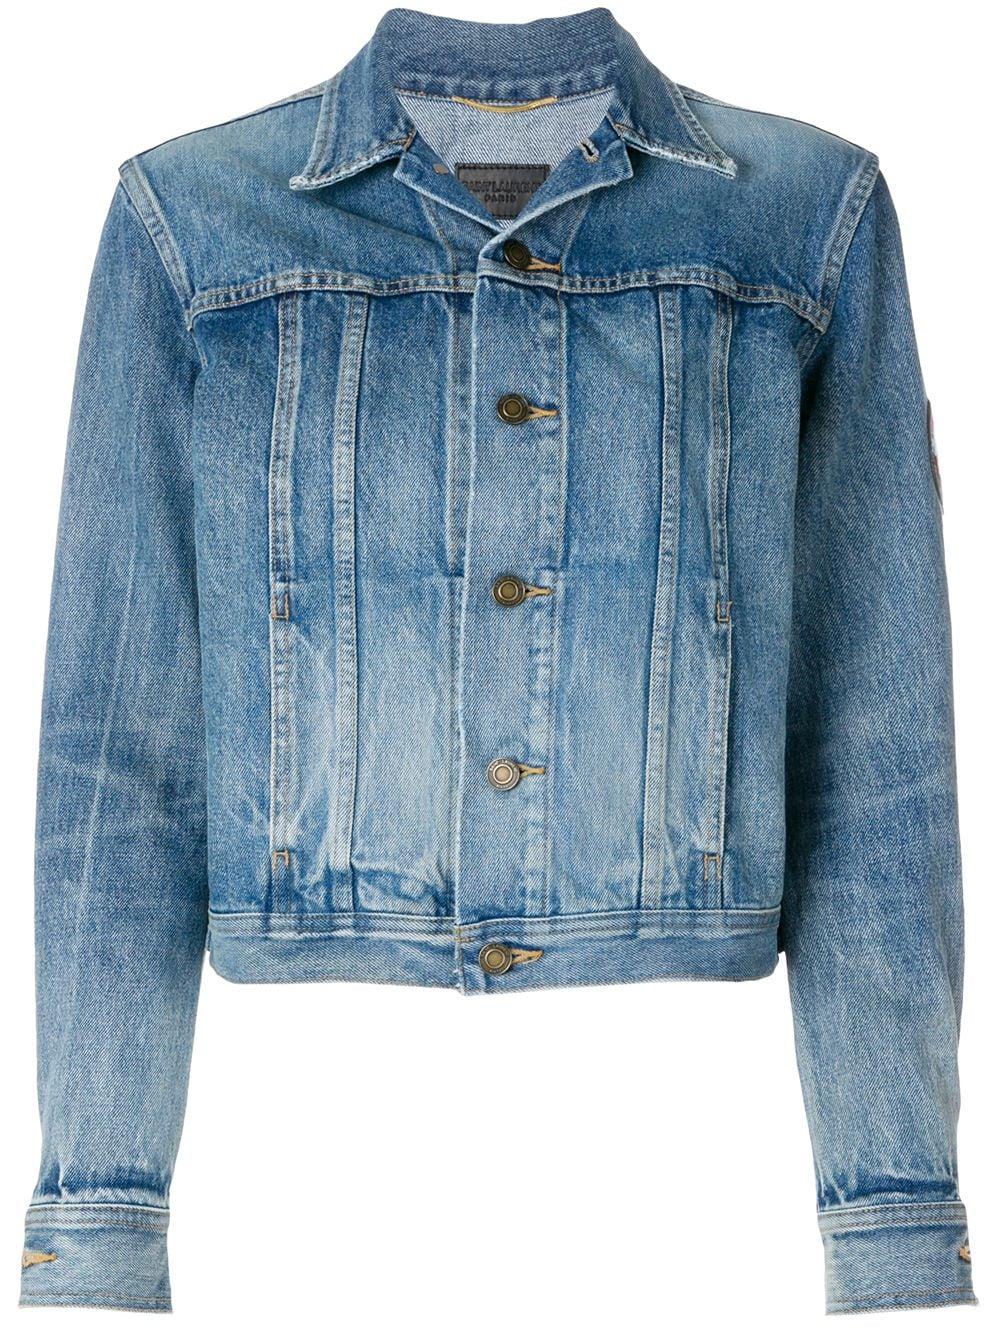 342c15b7850 Saint Laurent original YSL military patch jean jacket - Blue ...